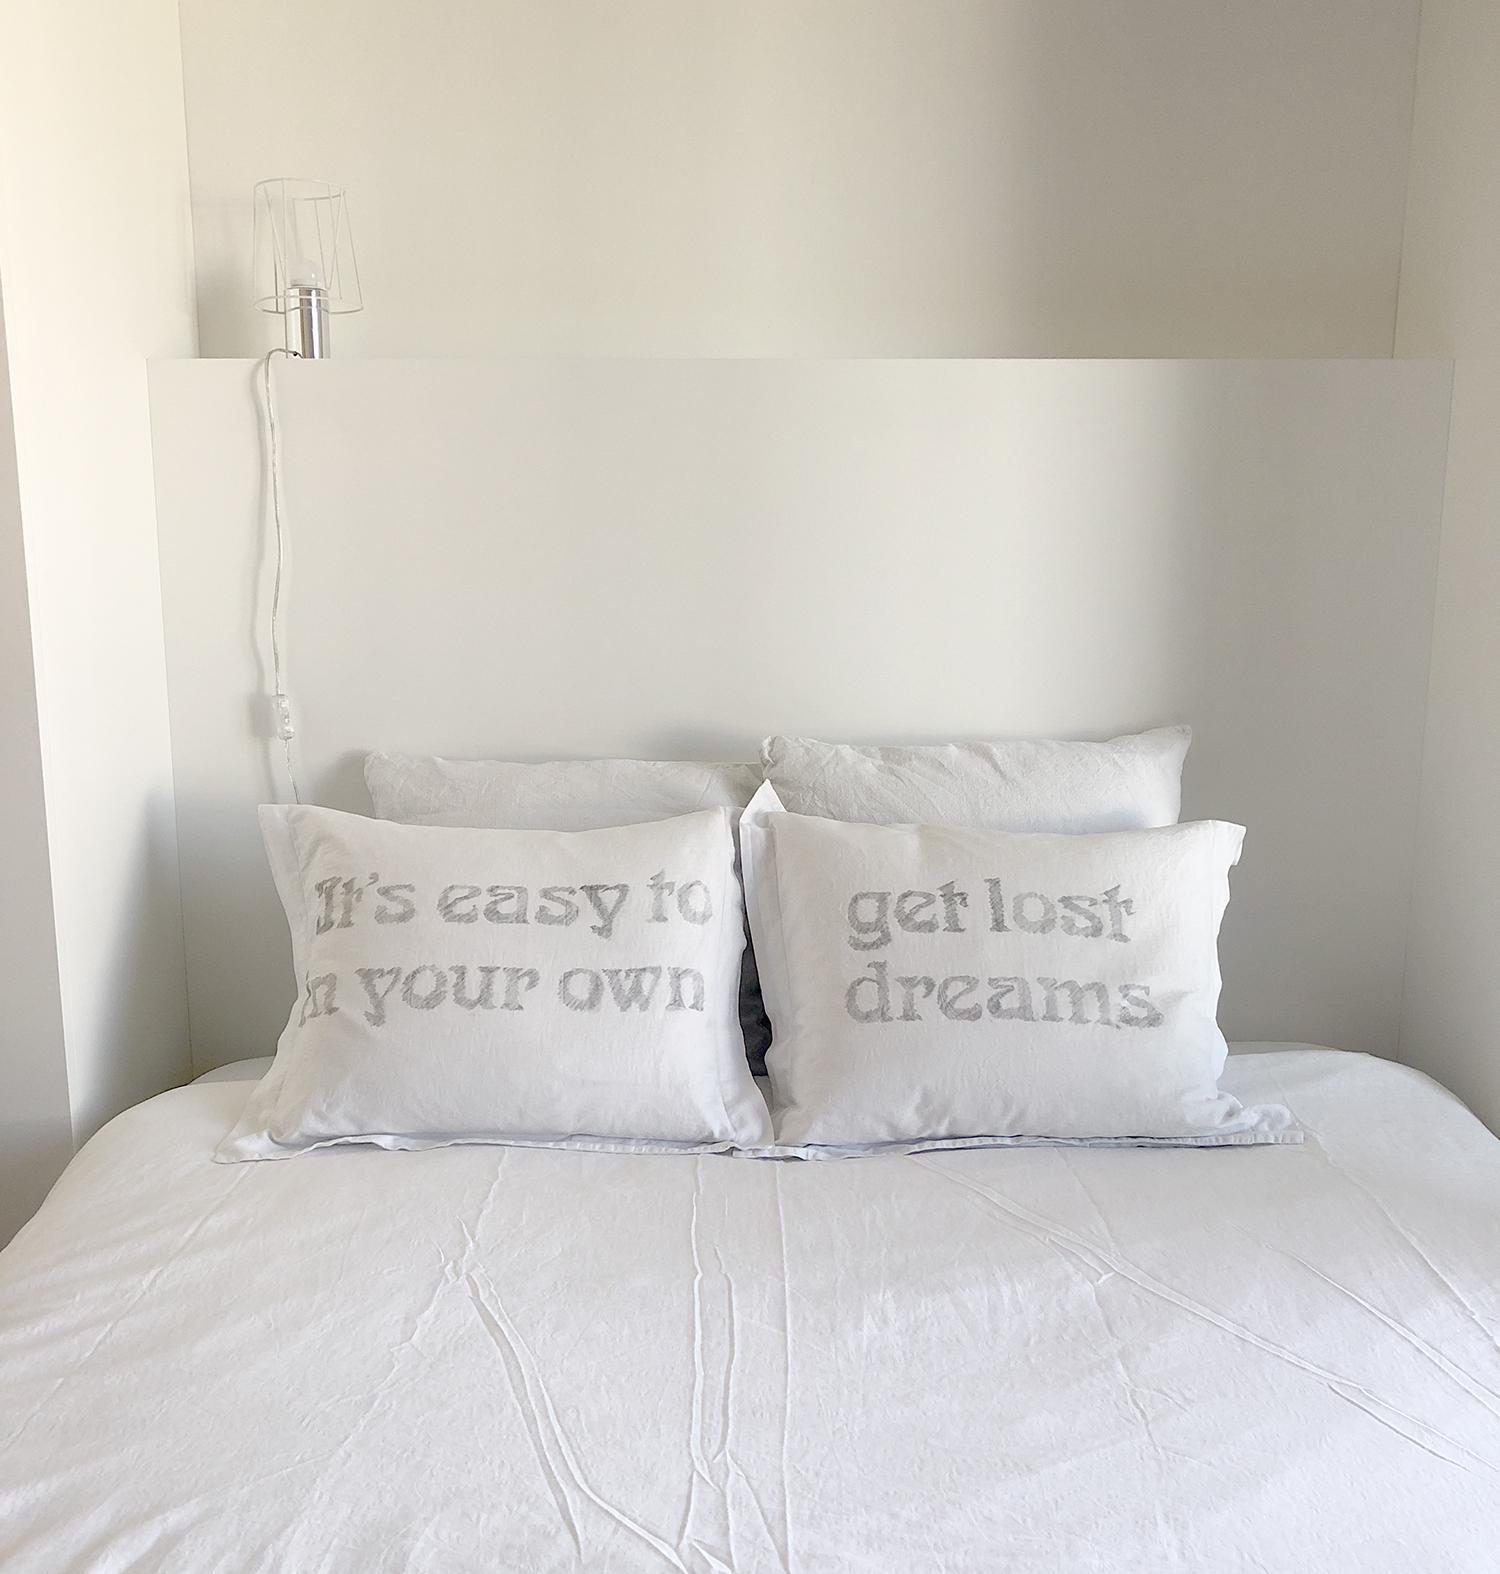 Noa Giniger, Get Lost Dreams (2018)